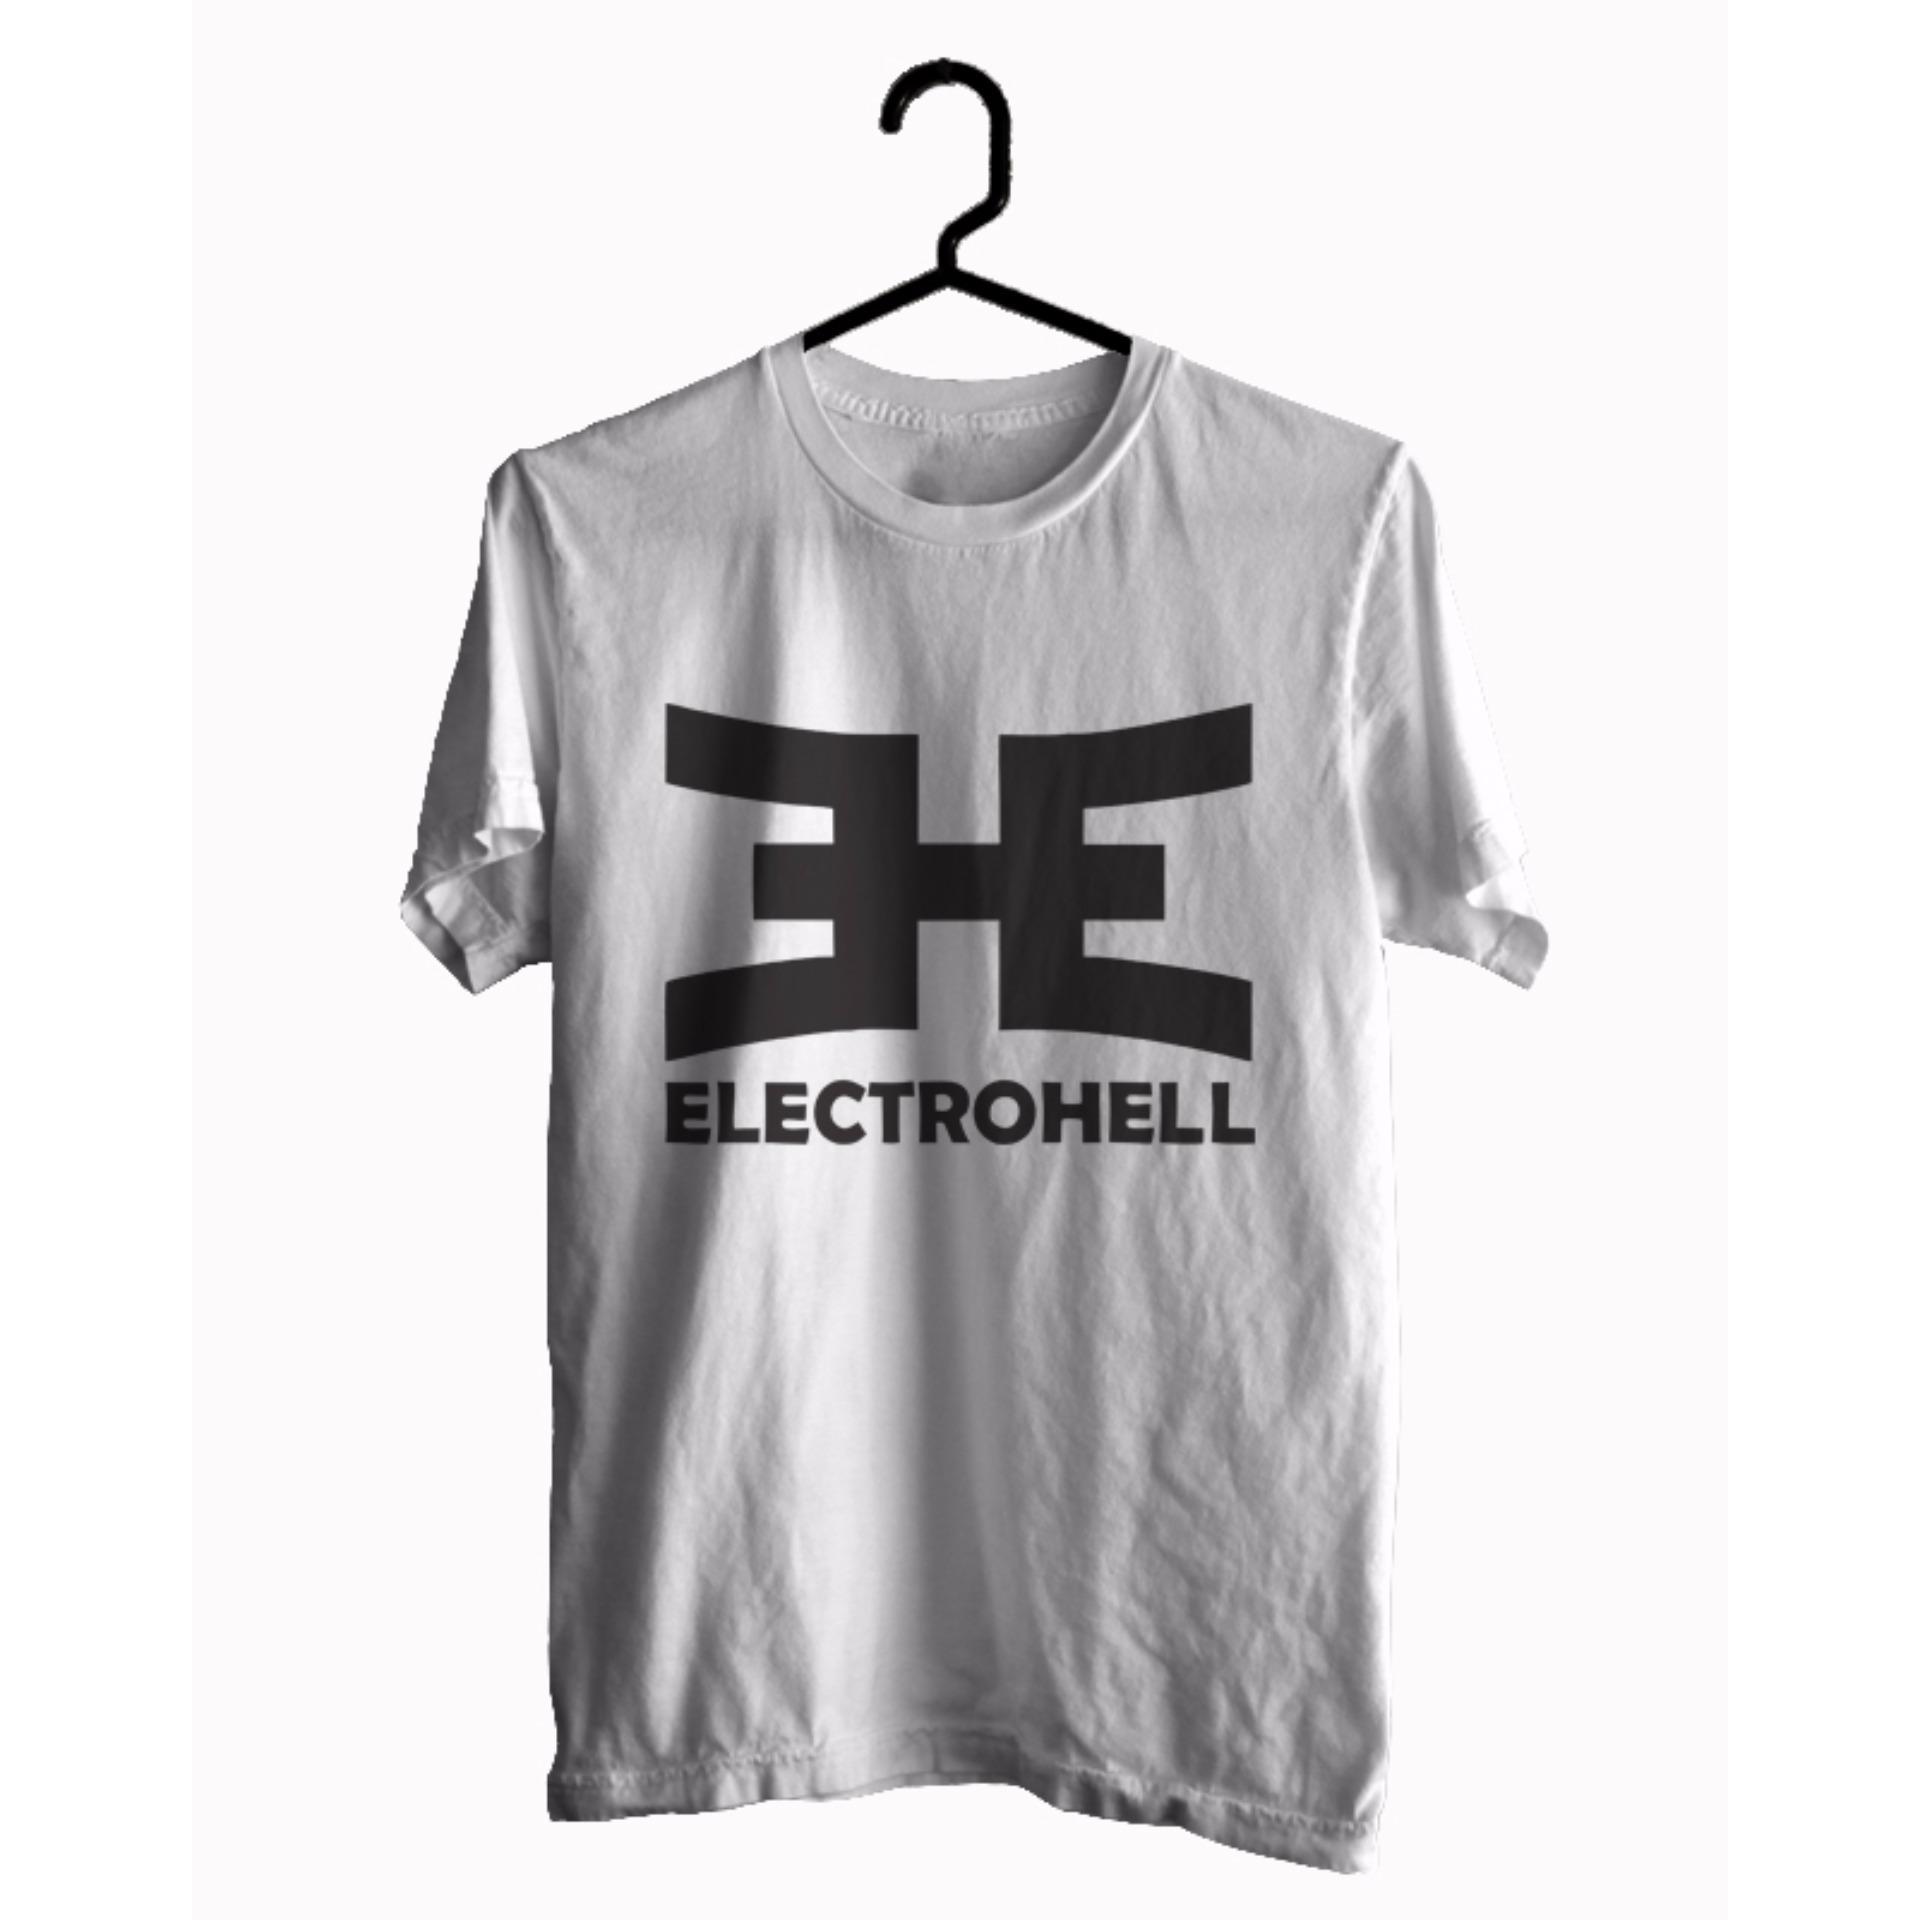 BKSPC - Kaos / T-shirt Electrohell - Pria dan Wanita - Putih